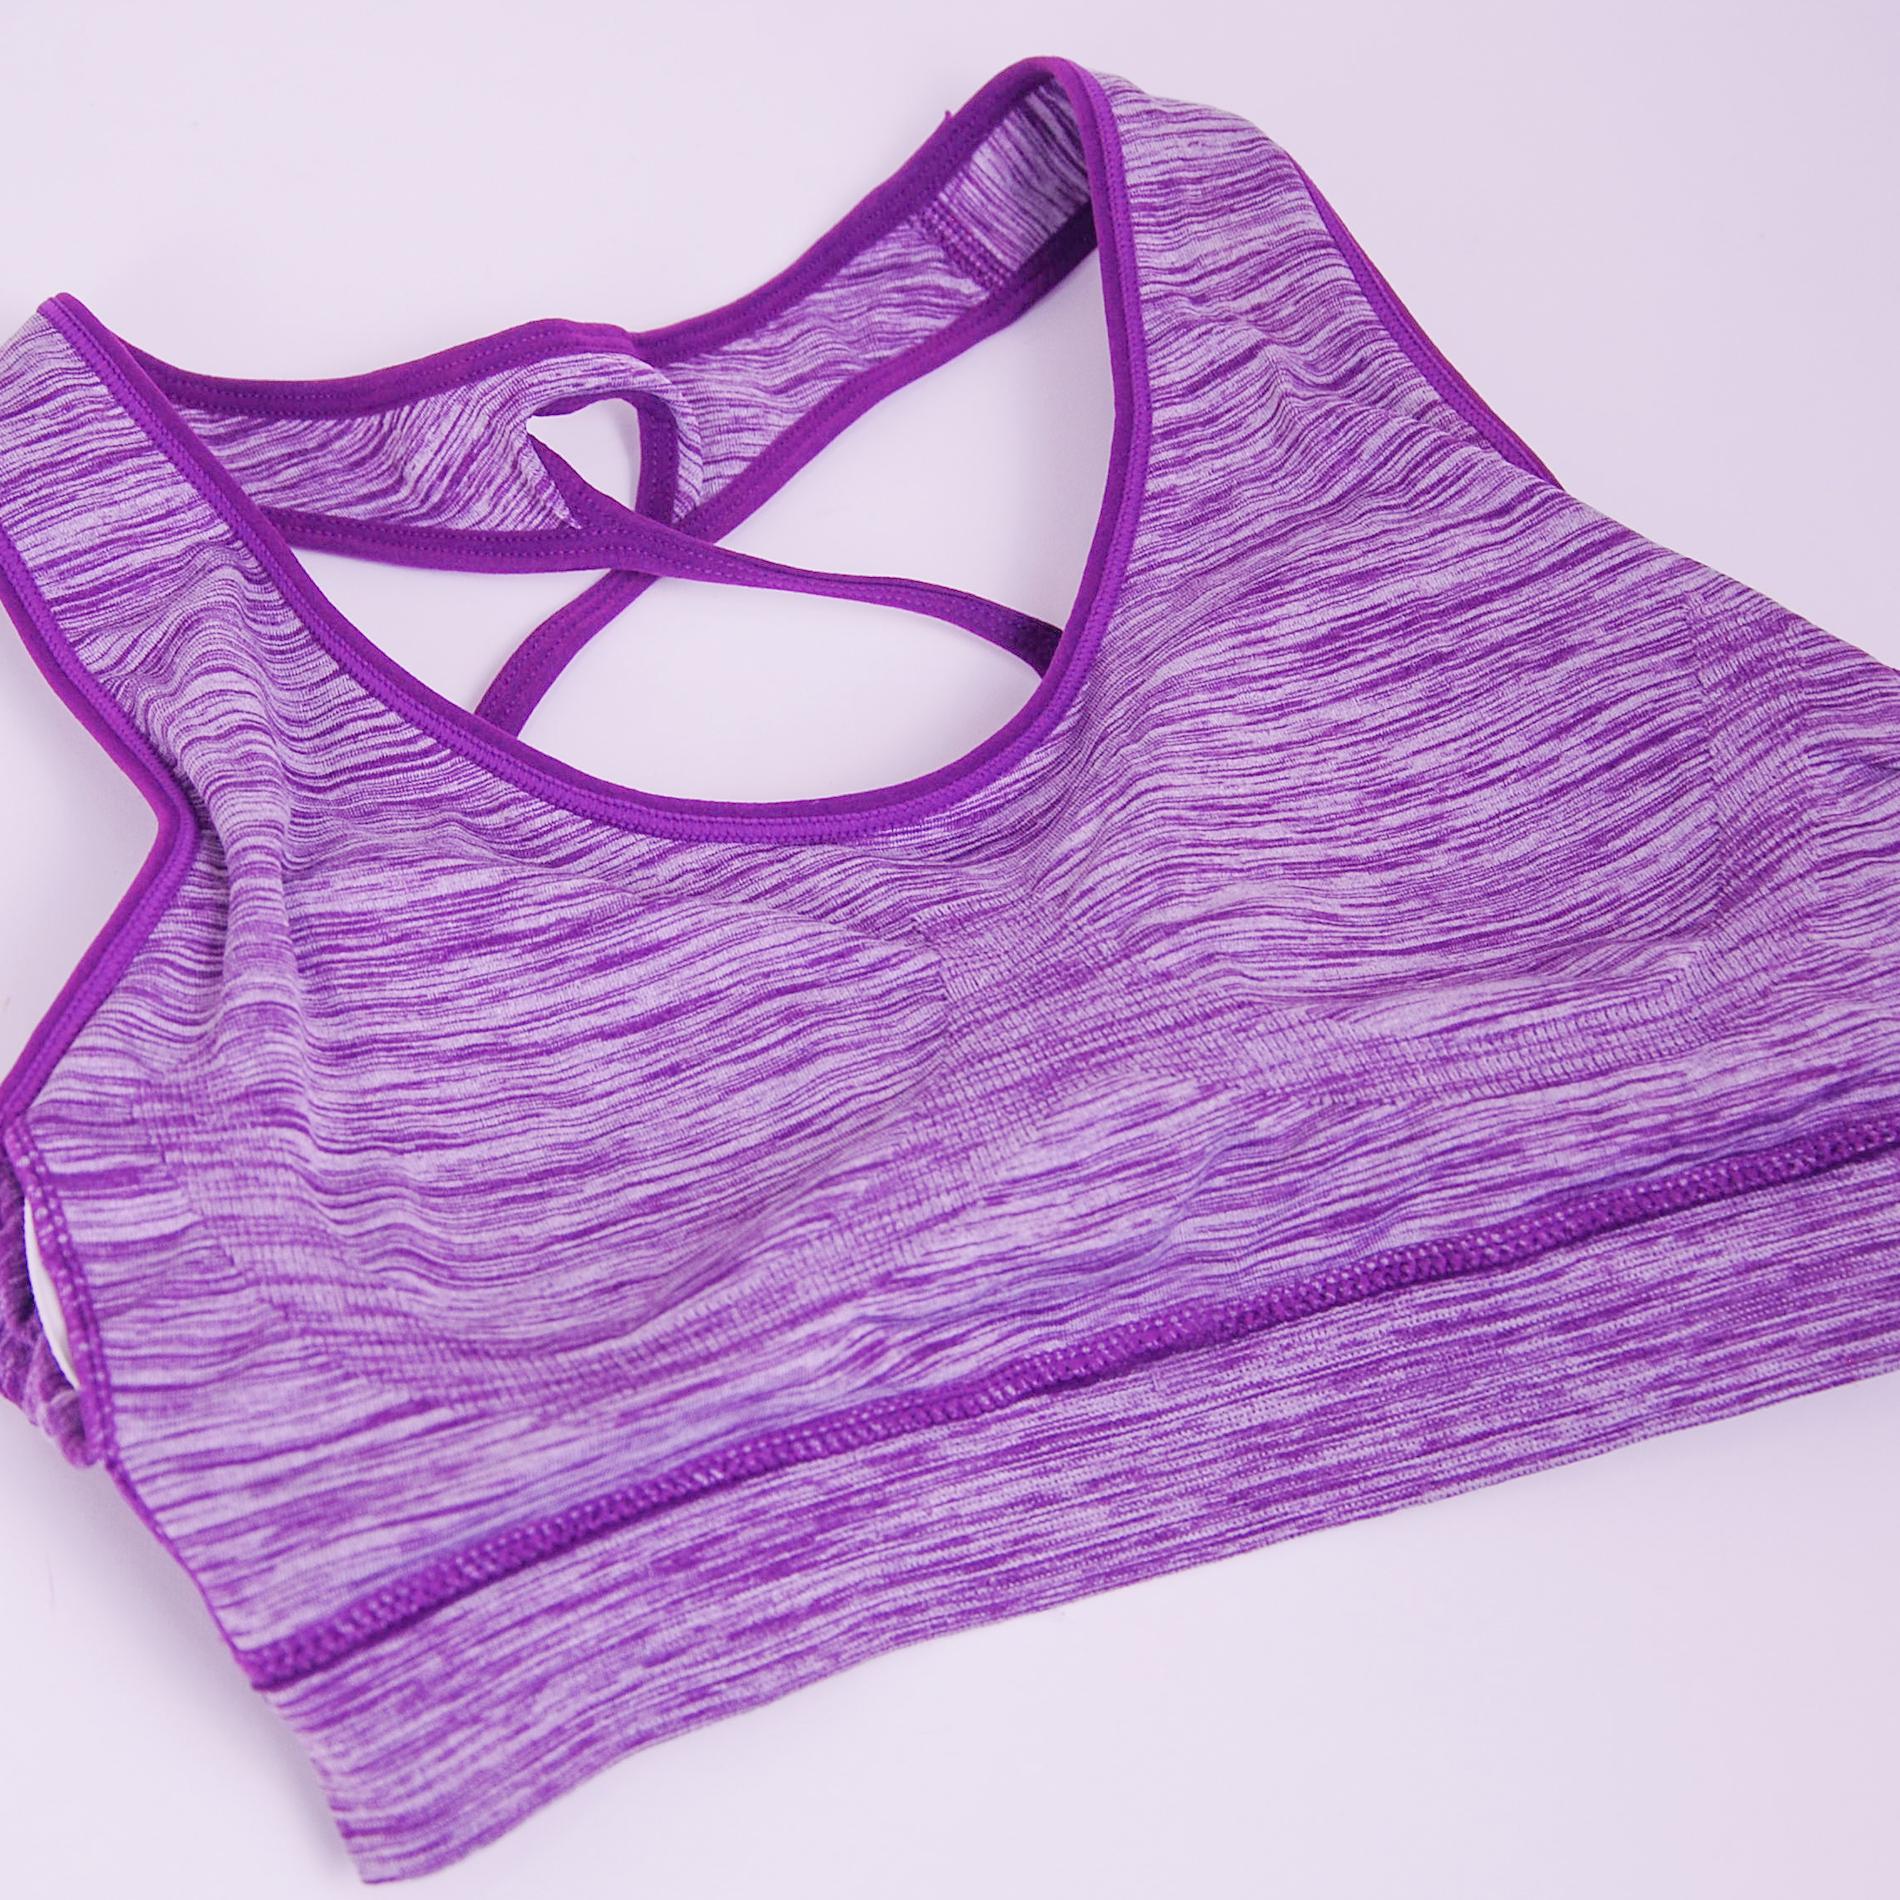 نیم تنه ورزشی زنانه کد 3245-1 main 1 4